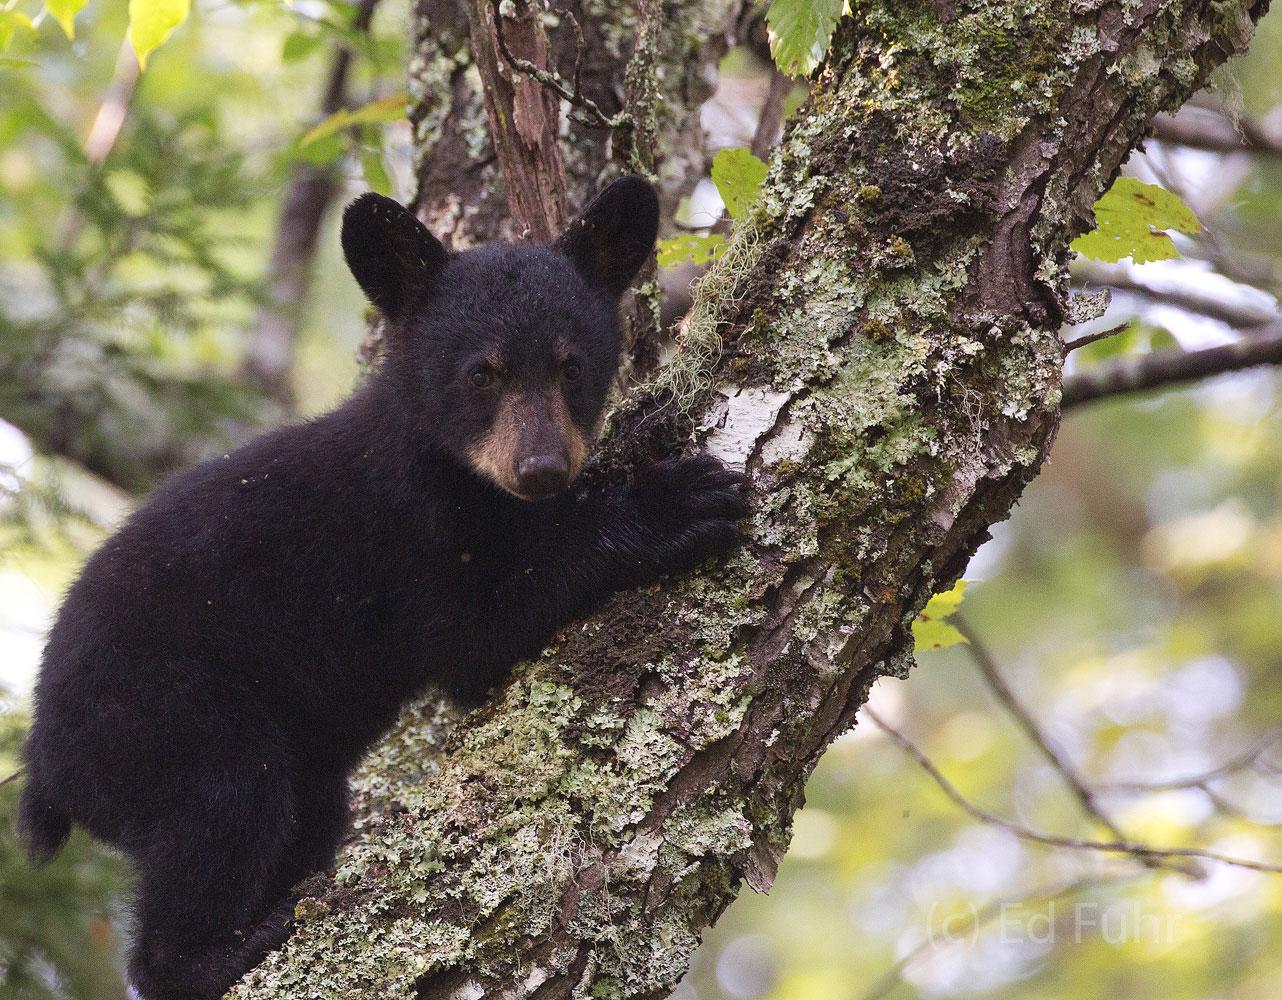 A black bear cub checks out a perch.